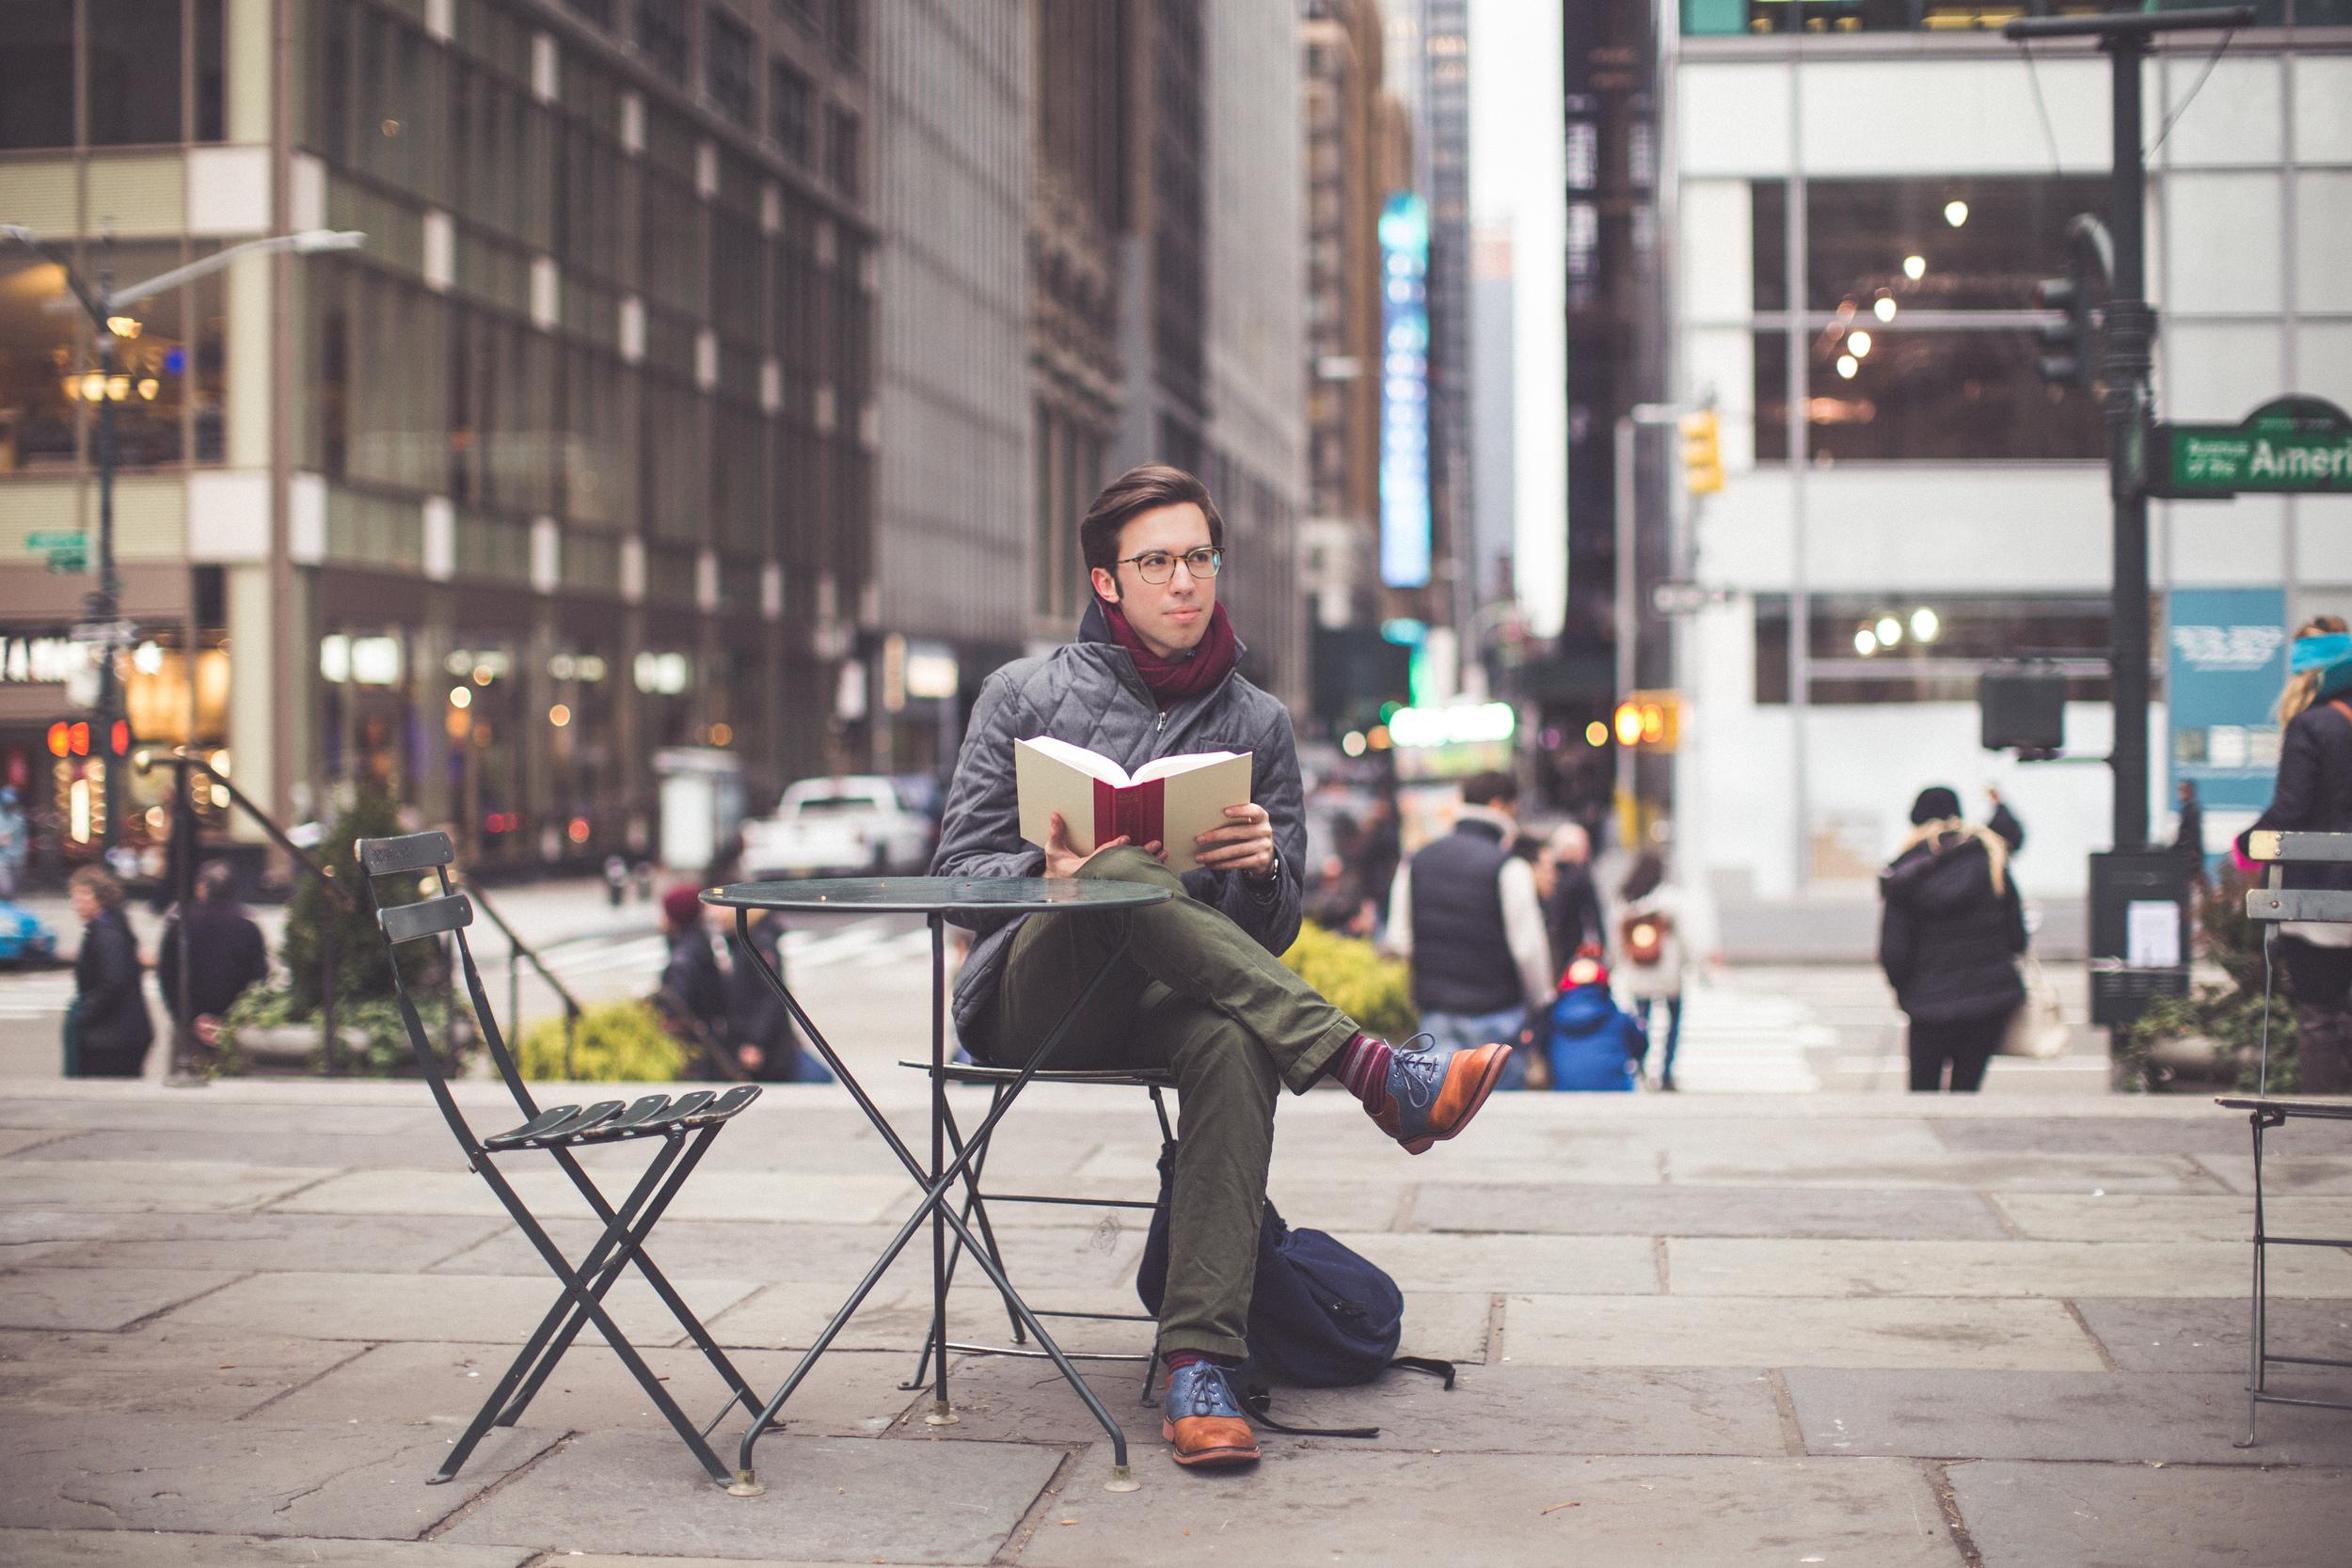 Jacket: He by Mango    Pants: Life After Denim    Shoes: Cole Haan    Socks: Richer/Poorer    Scarf: H&M    Glasses: Warby Parker    Backpack: Everlane